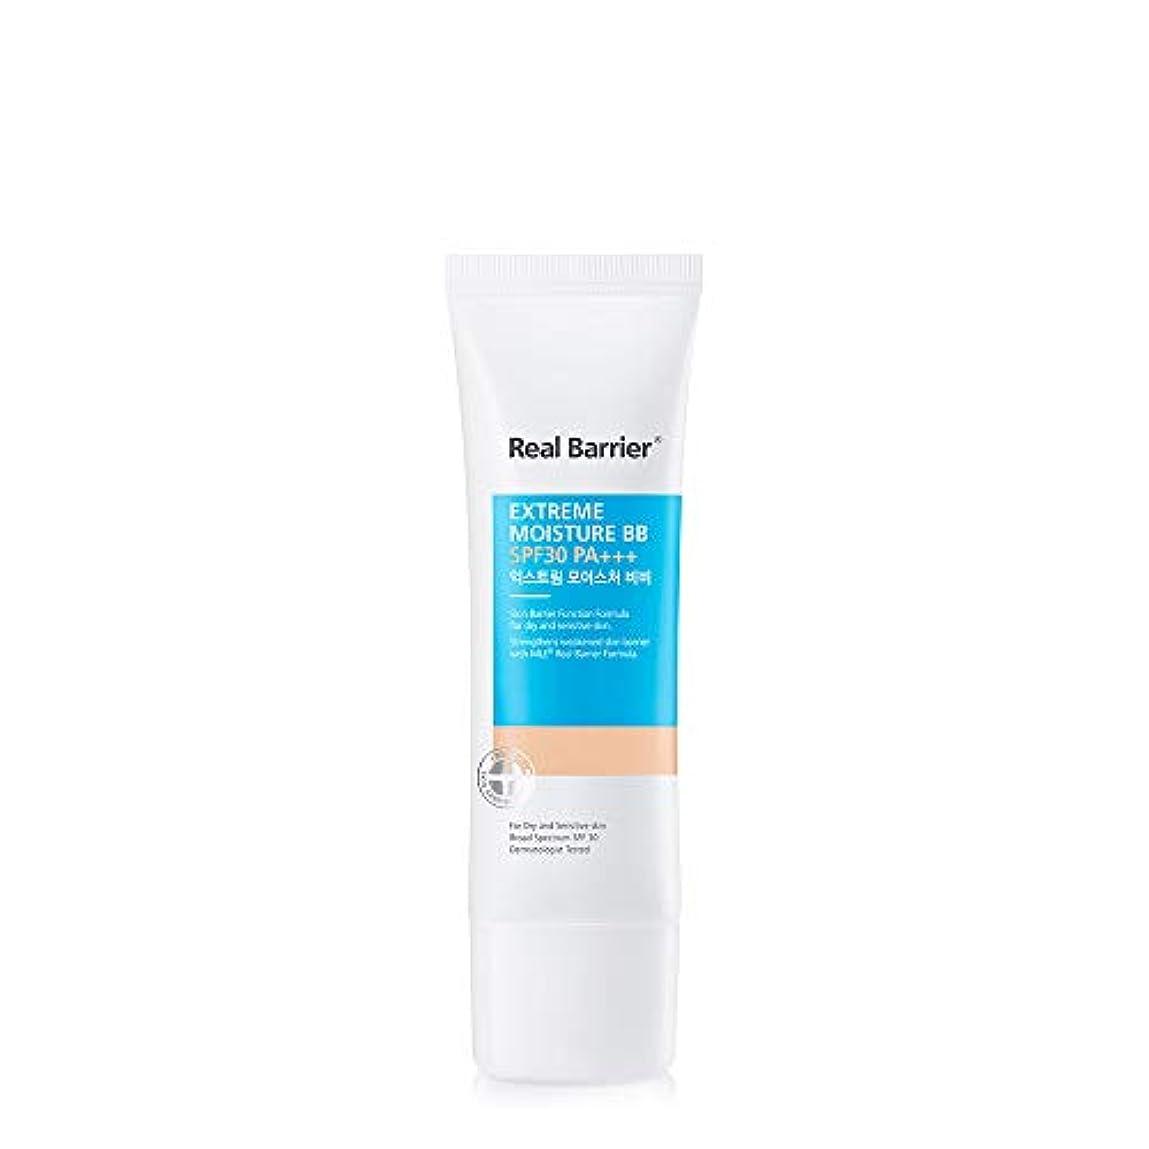 エーカー宇宙のブルゴーニュNeopharm リアルバリア エクス トリーム モイスチャー BB クリーム SPF30 PA+++ Real Barrier Extreme moisture BB Cream ATOPALM